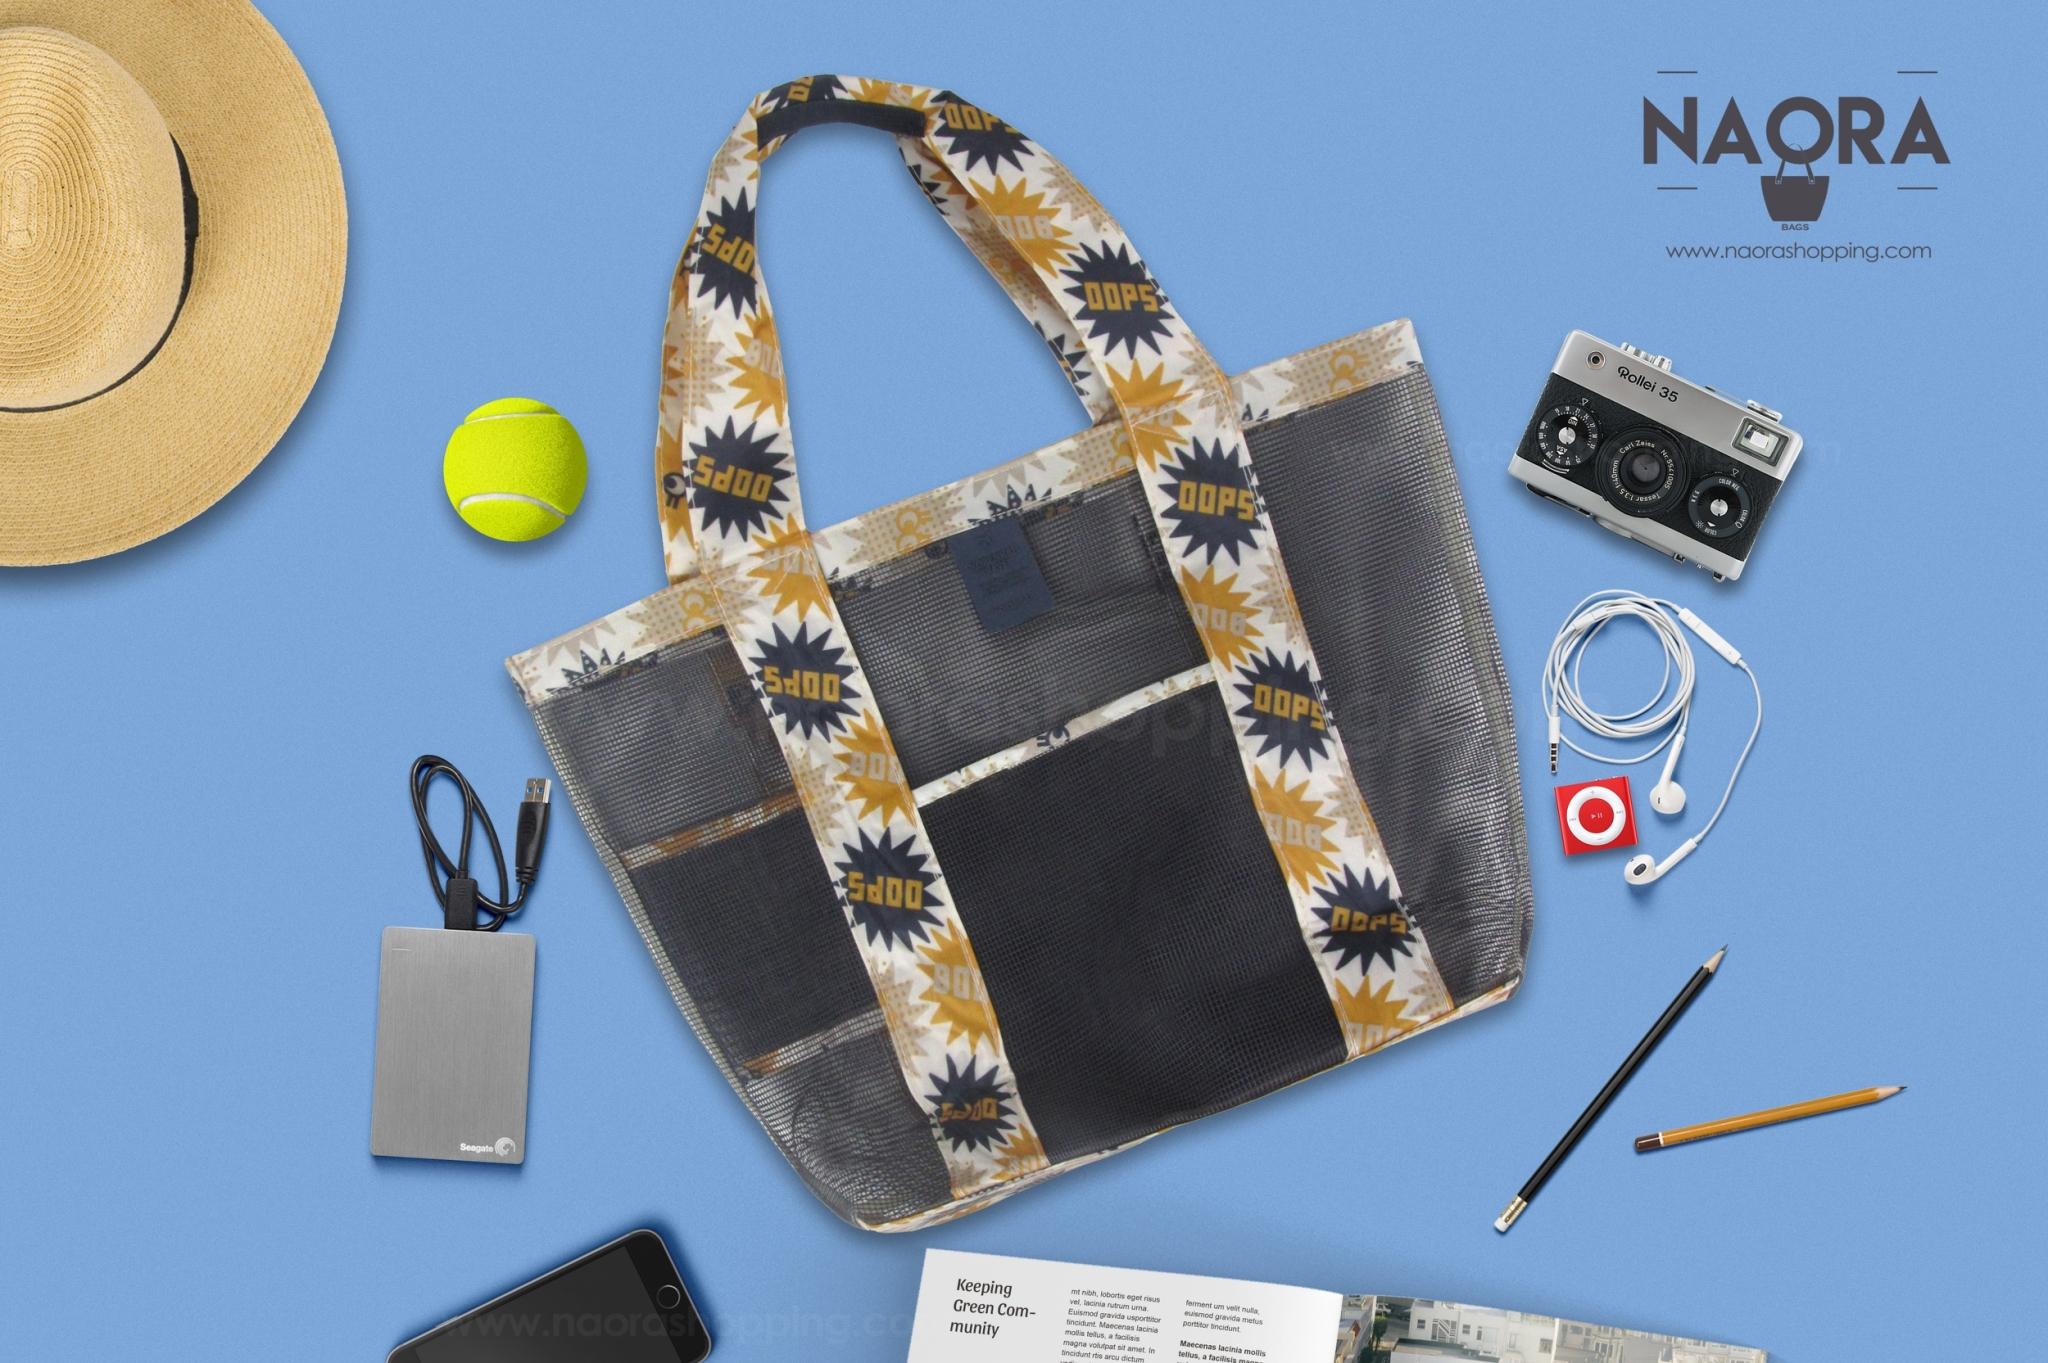 กระเป๋าสะพายข้างตาข่ายสีสวย